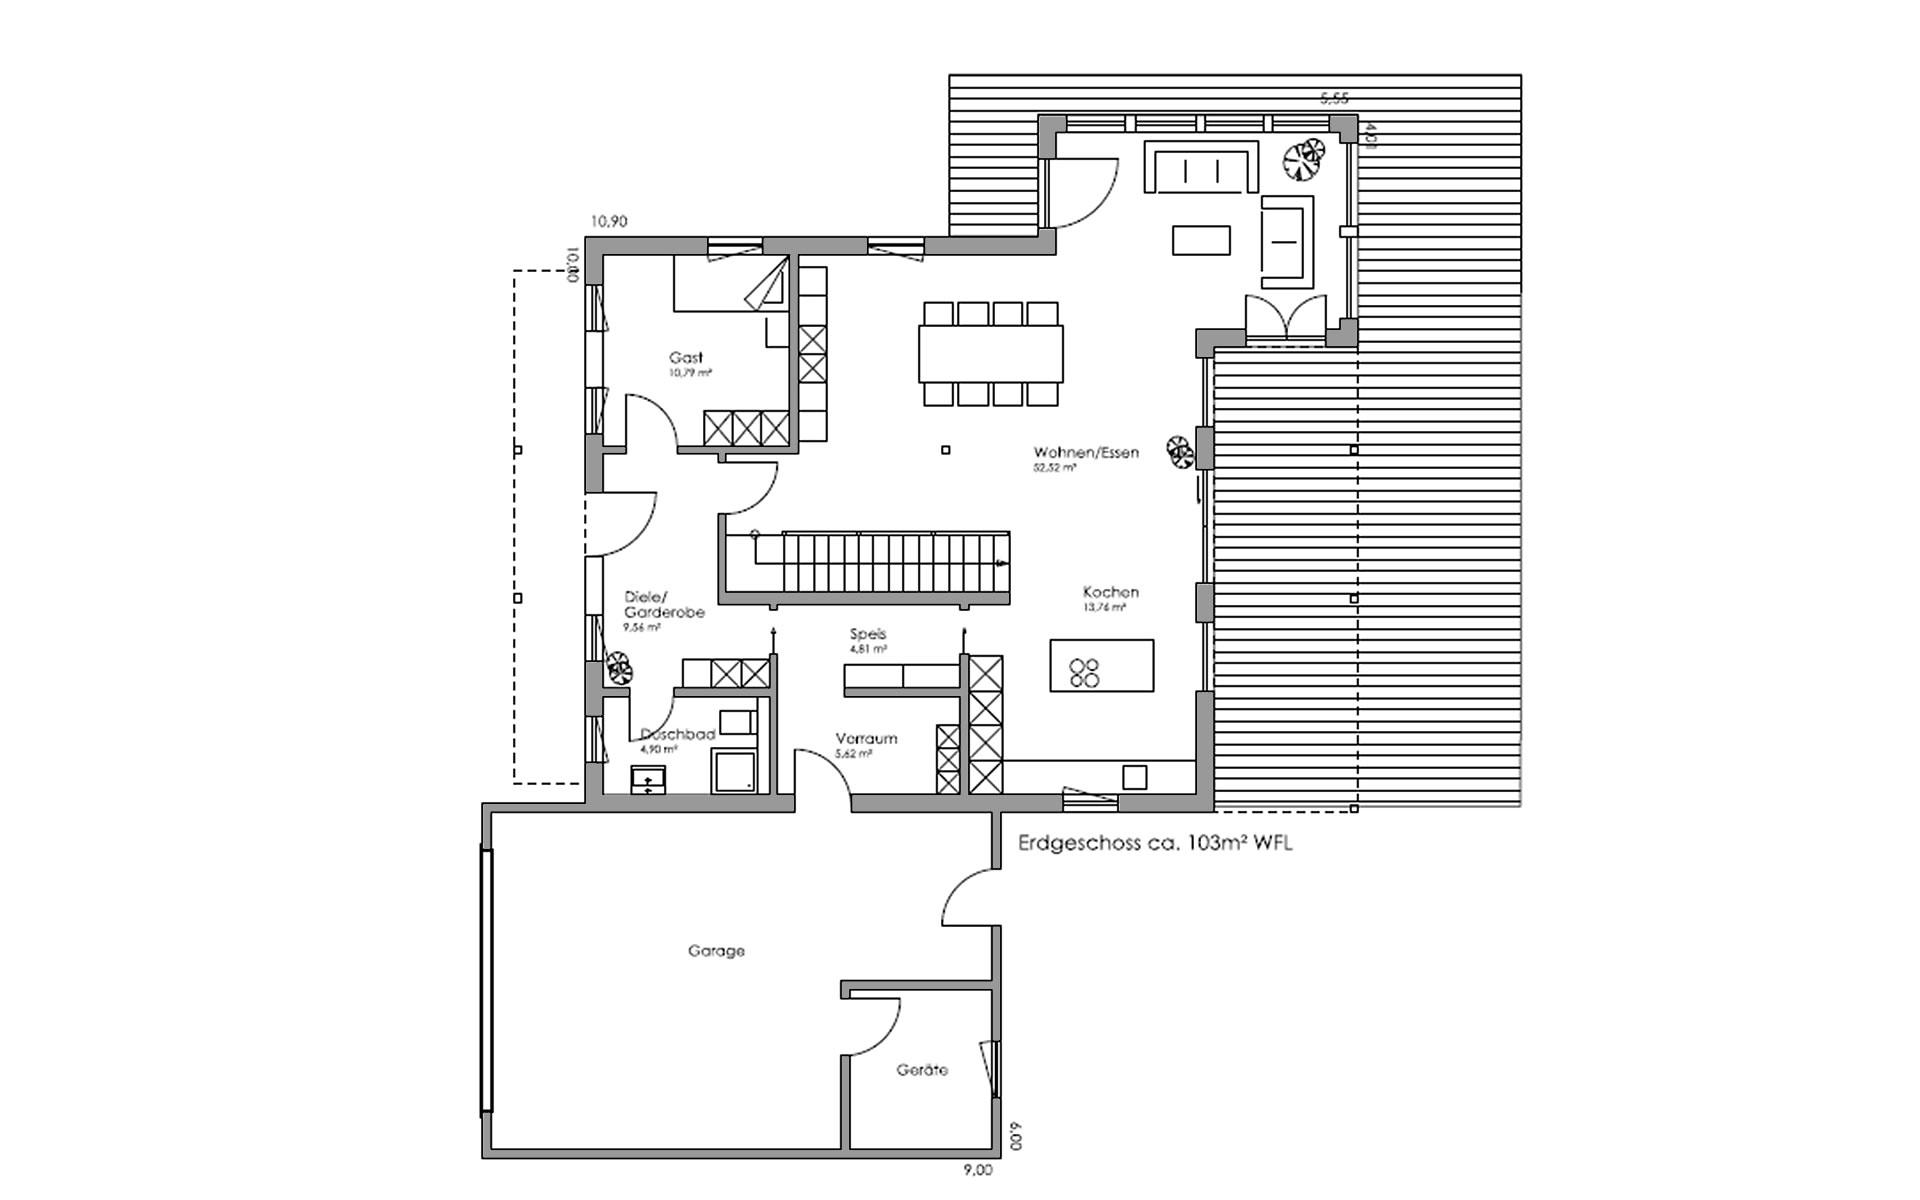 Erdgeschoss Landshut von Regnauer Hausbau GmbH & Co. KG